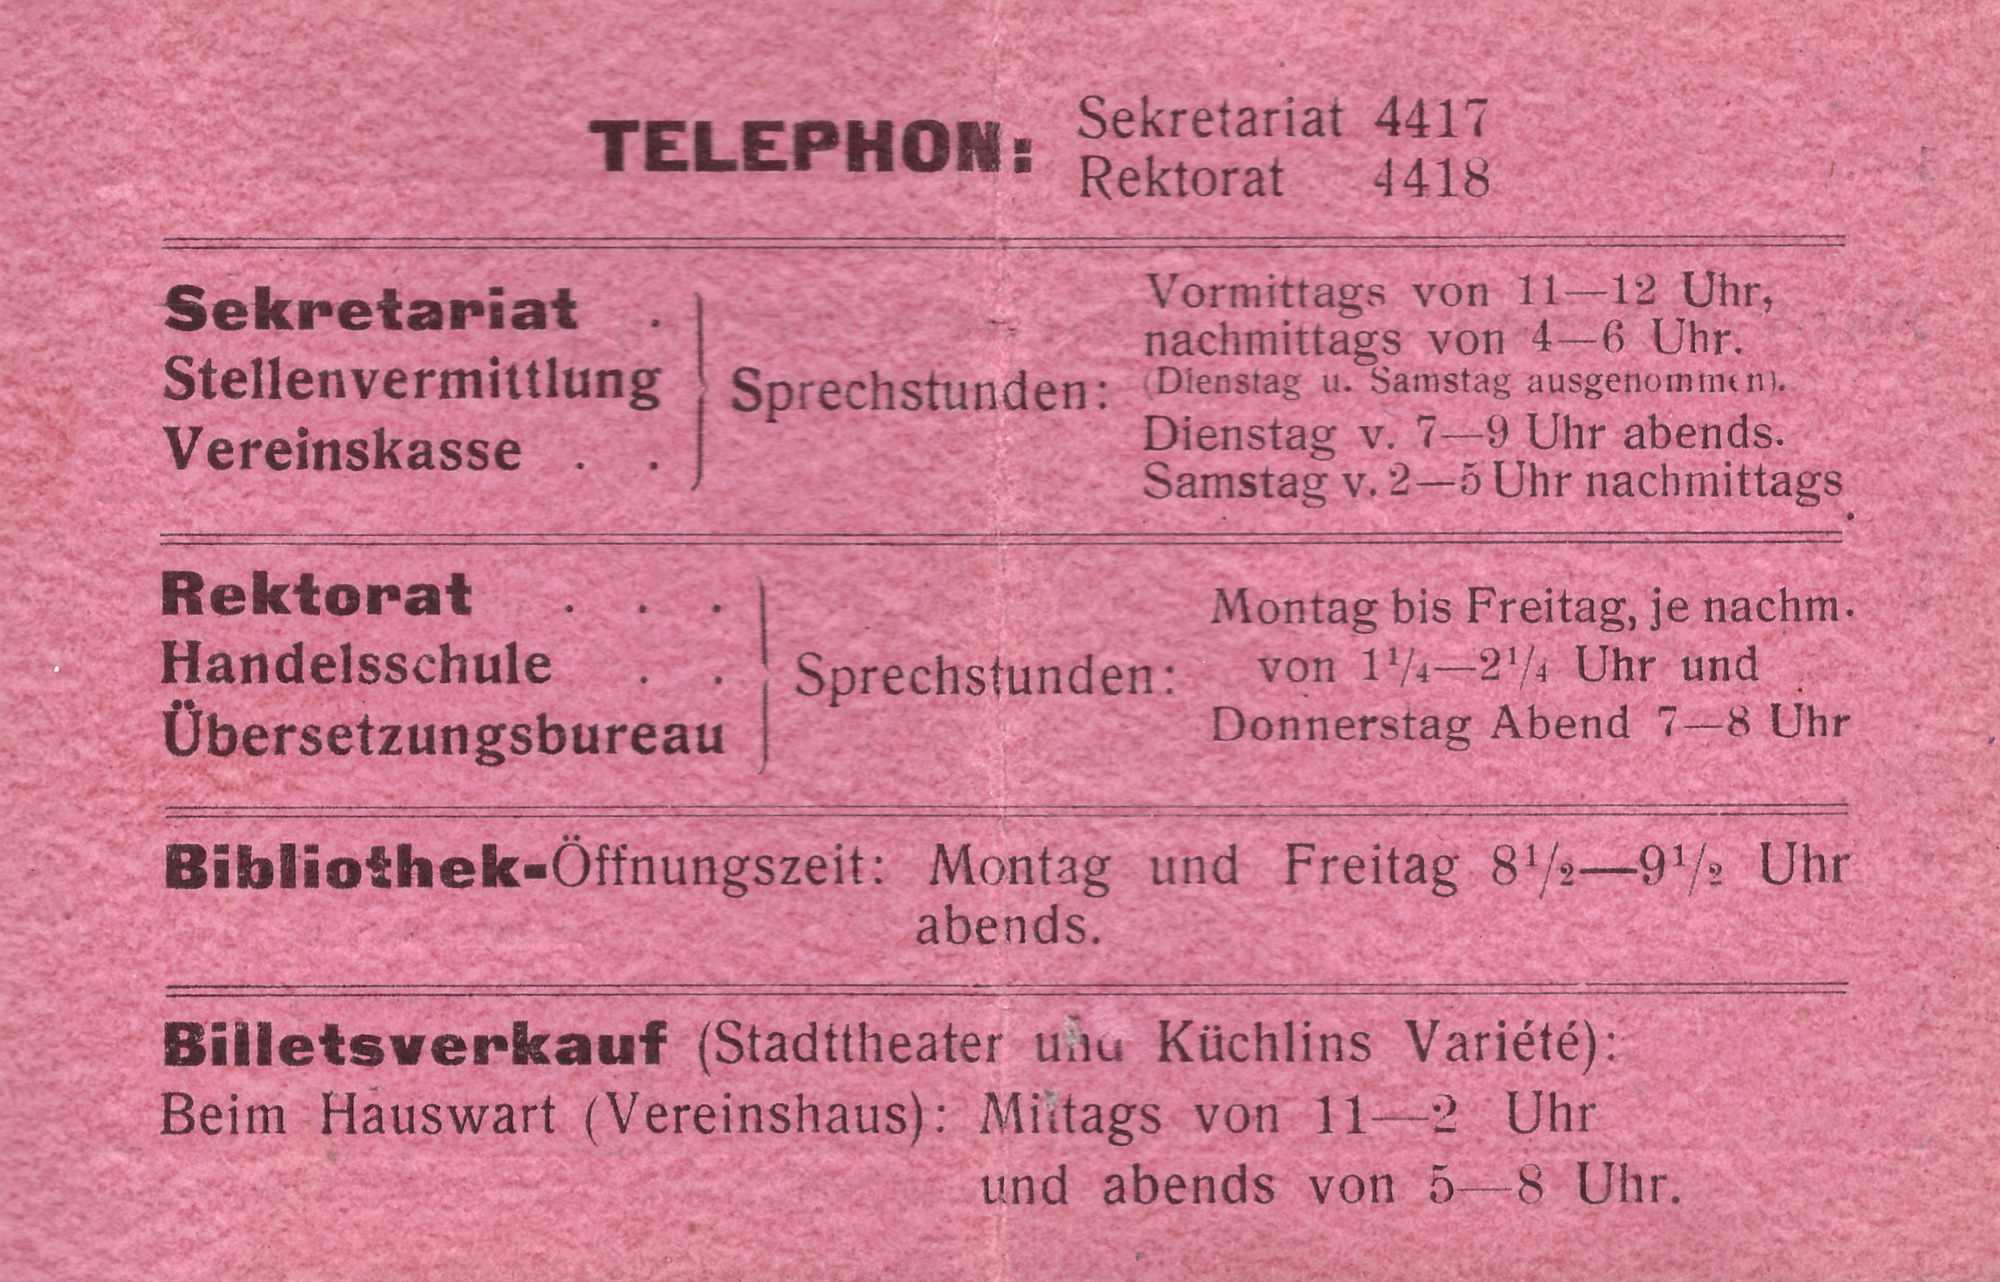 Bild: Mitgliederausweis Kaufmännischer Verein Basel (1919)